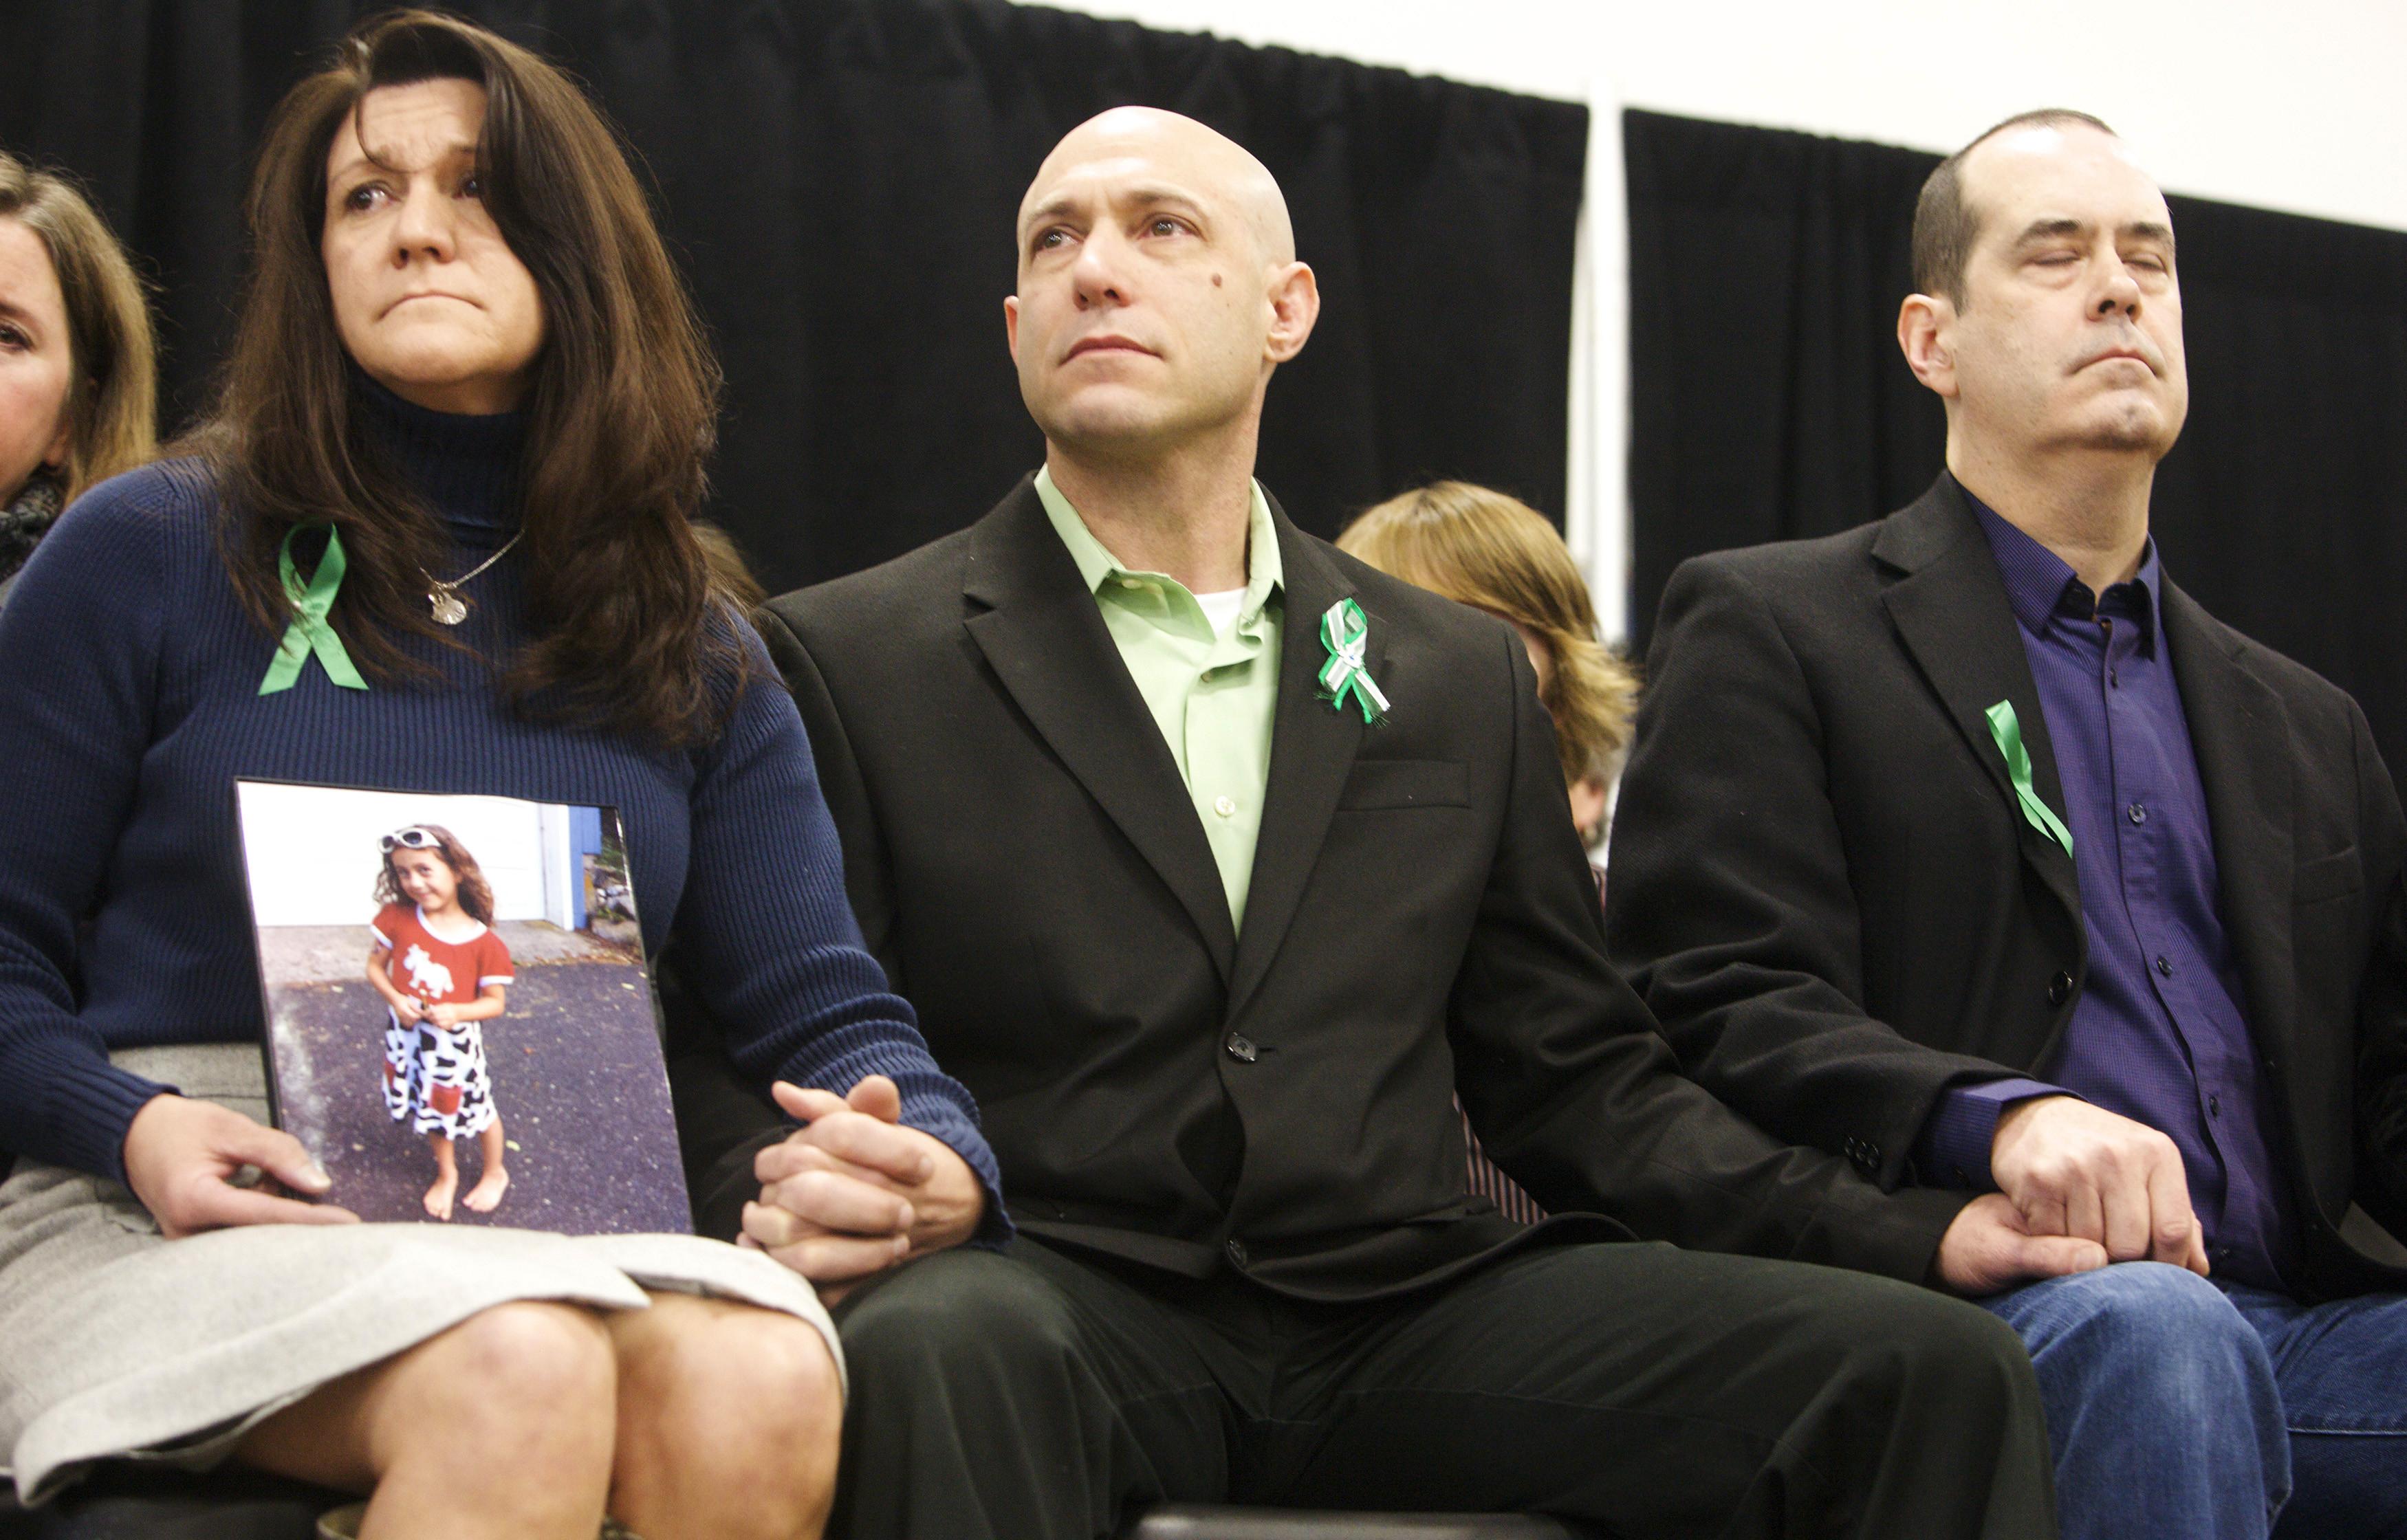 Encontrado sem vida pai de menina assassinada no tiroteio de Sandy Hook